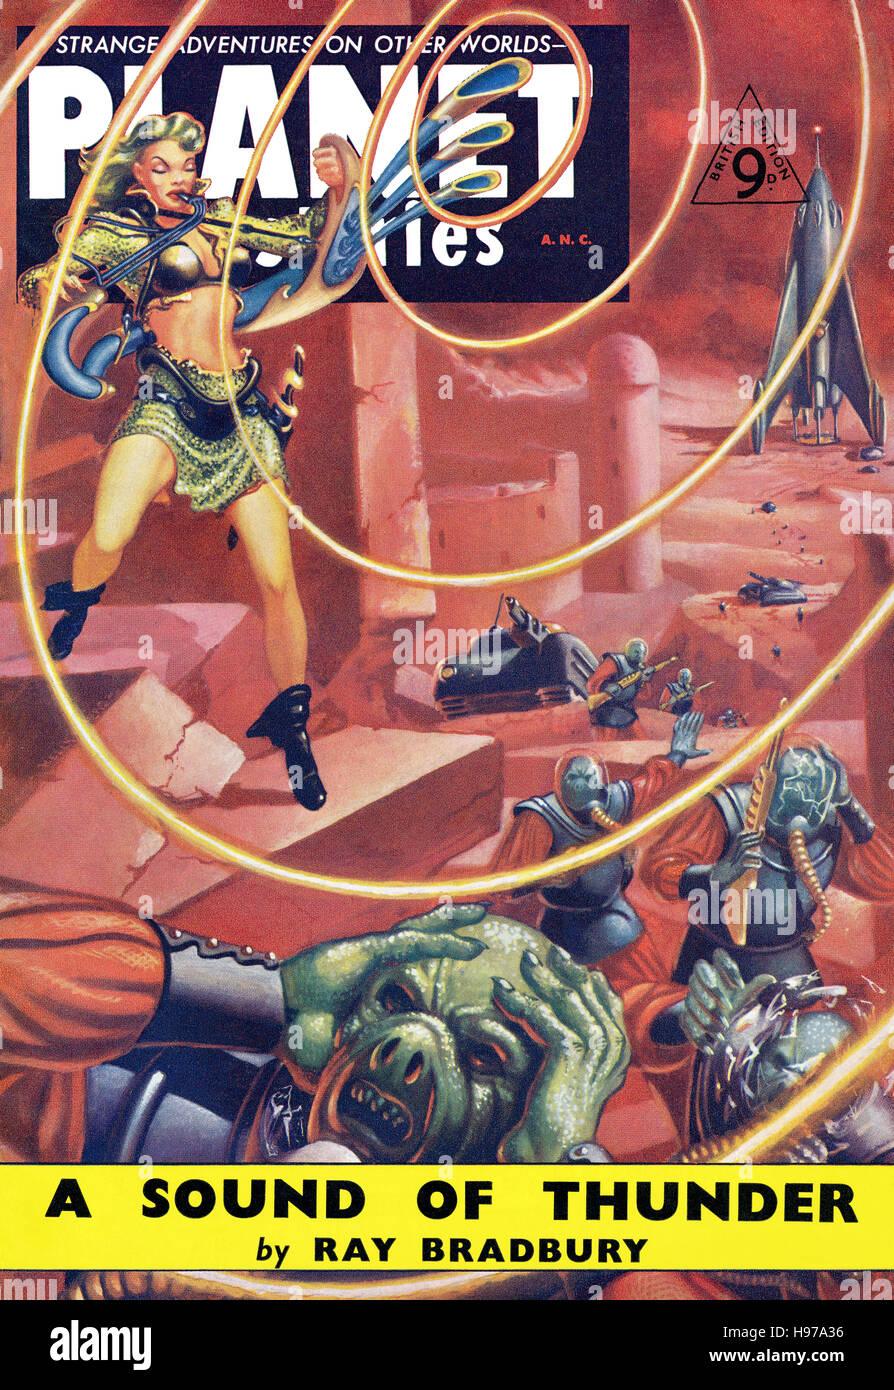 Britische Ausgabe des Themas Januar 1954 von Planet Stories Science Fiction Magazin Stockbild